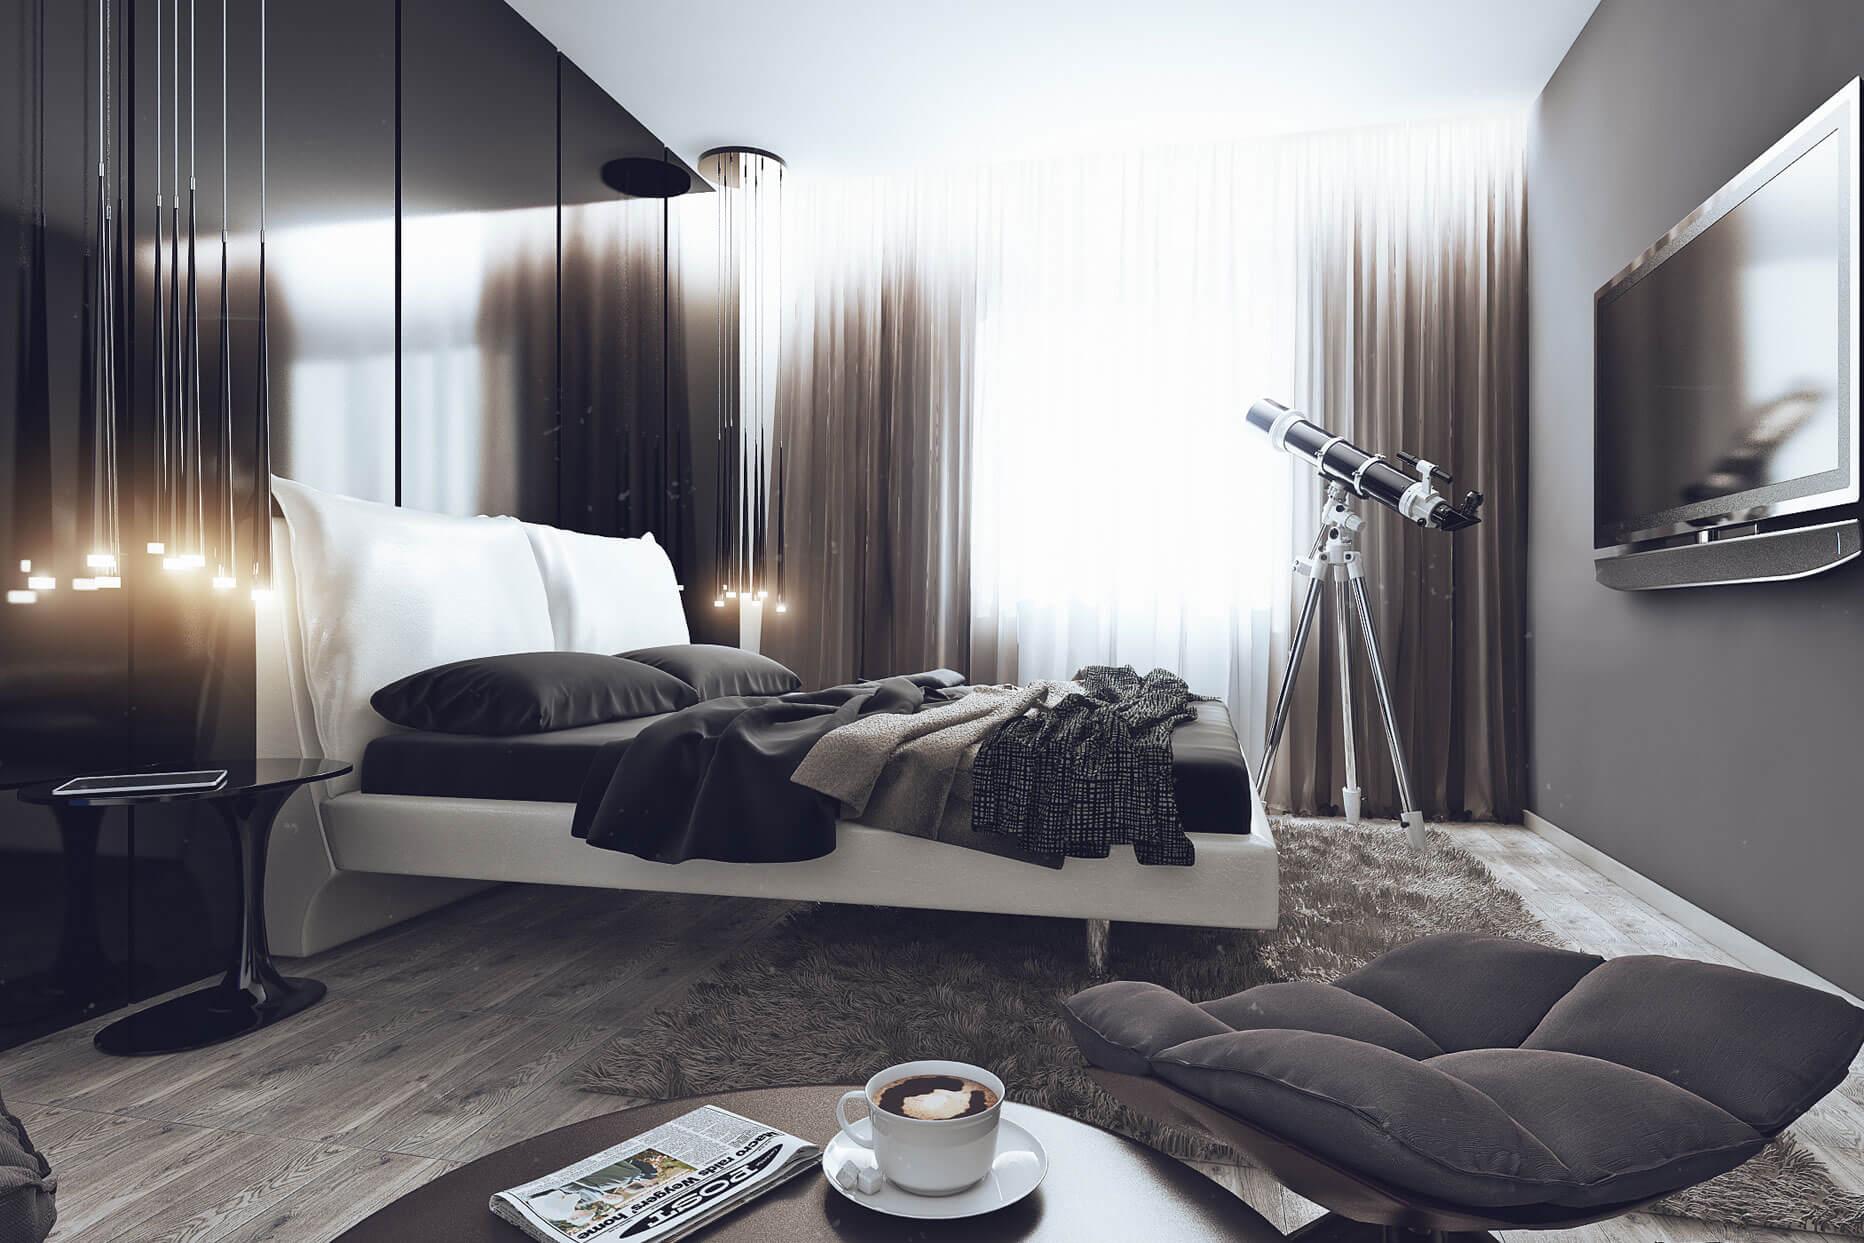 для дизайн комнаты для мужчины фото растительность сосредоточена